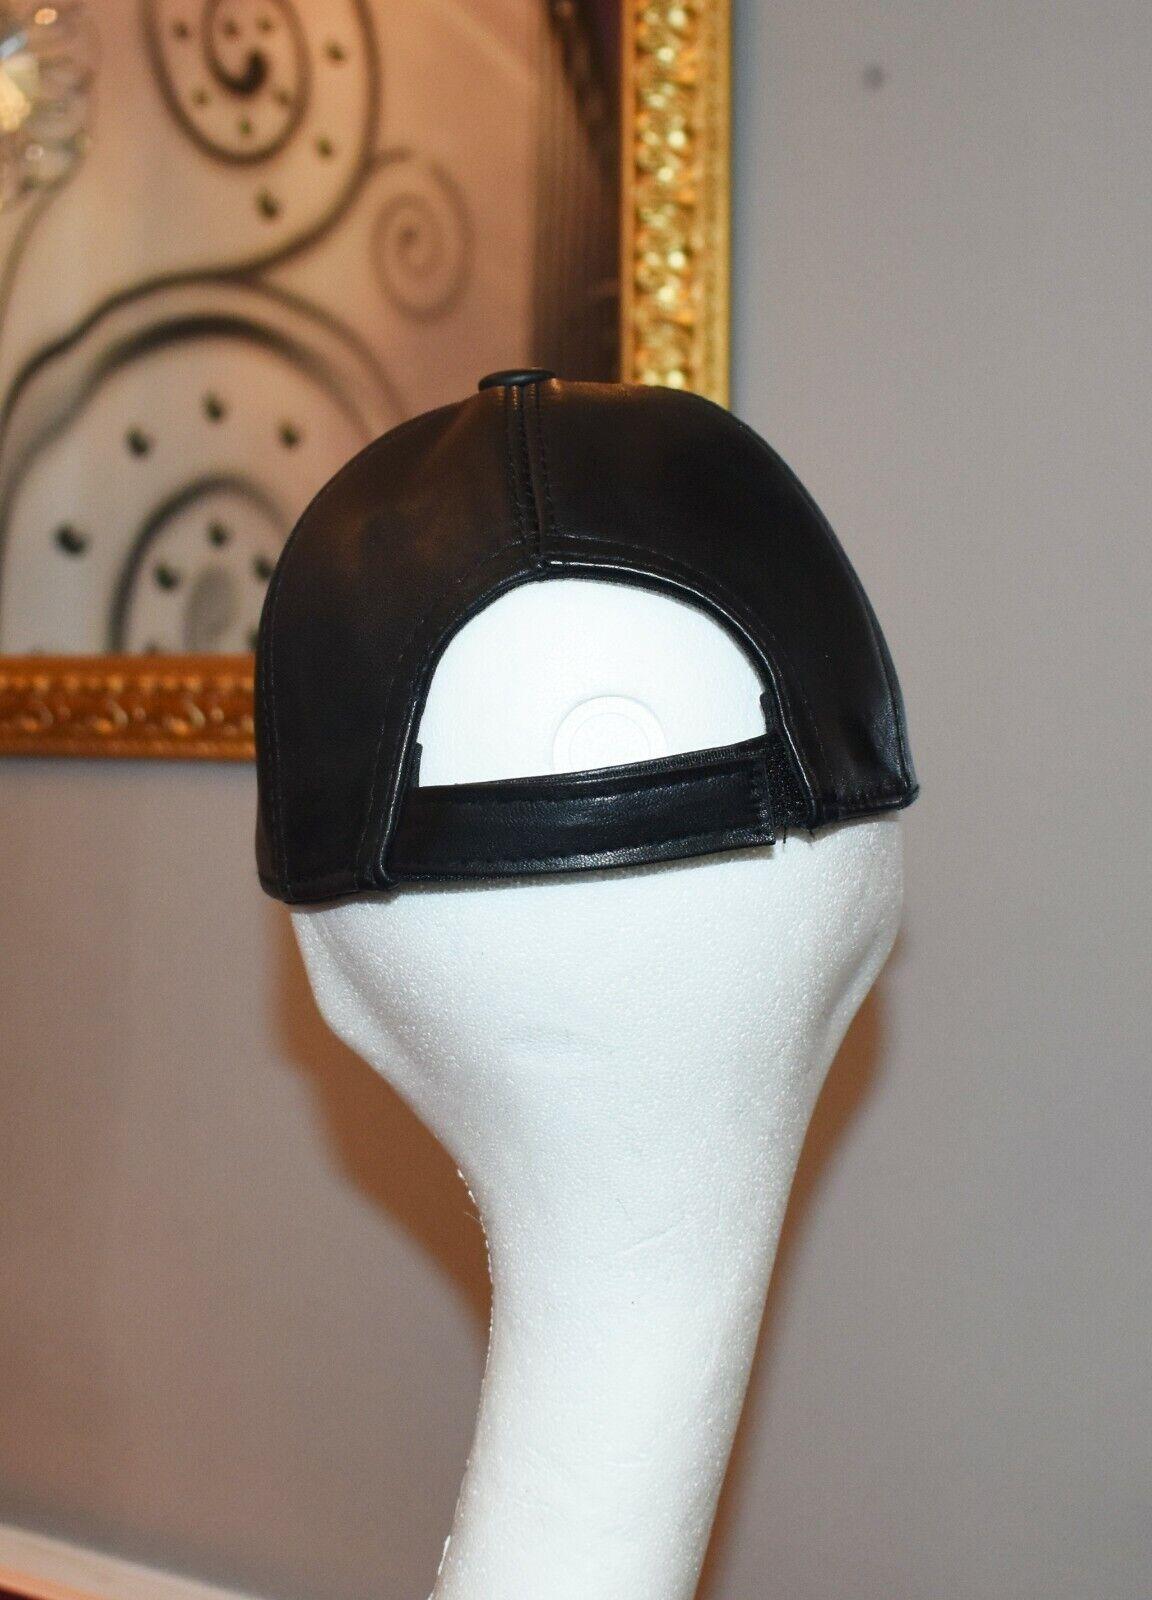 Coole Leder Cap Basecap Ledermütze mit Logo Puma Echtes Leder NEU